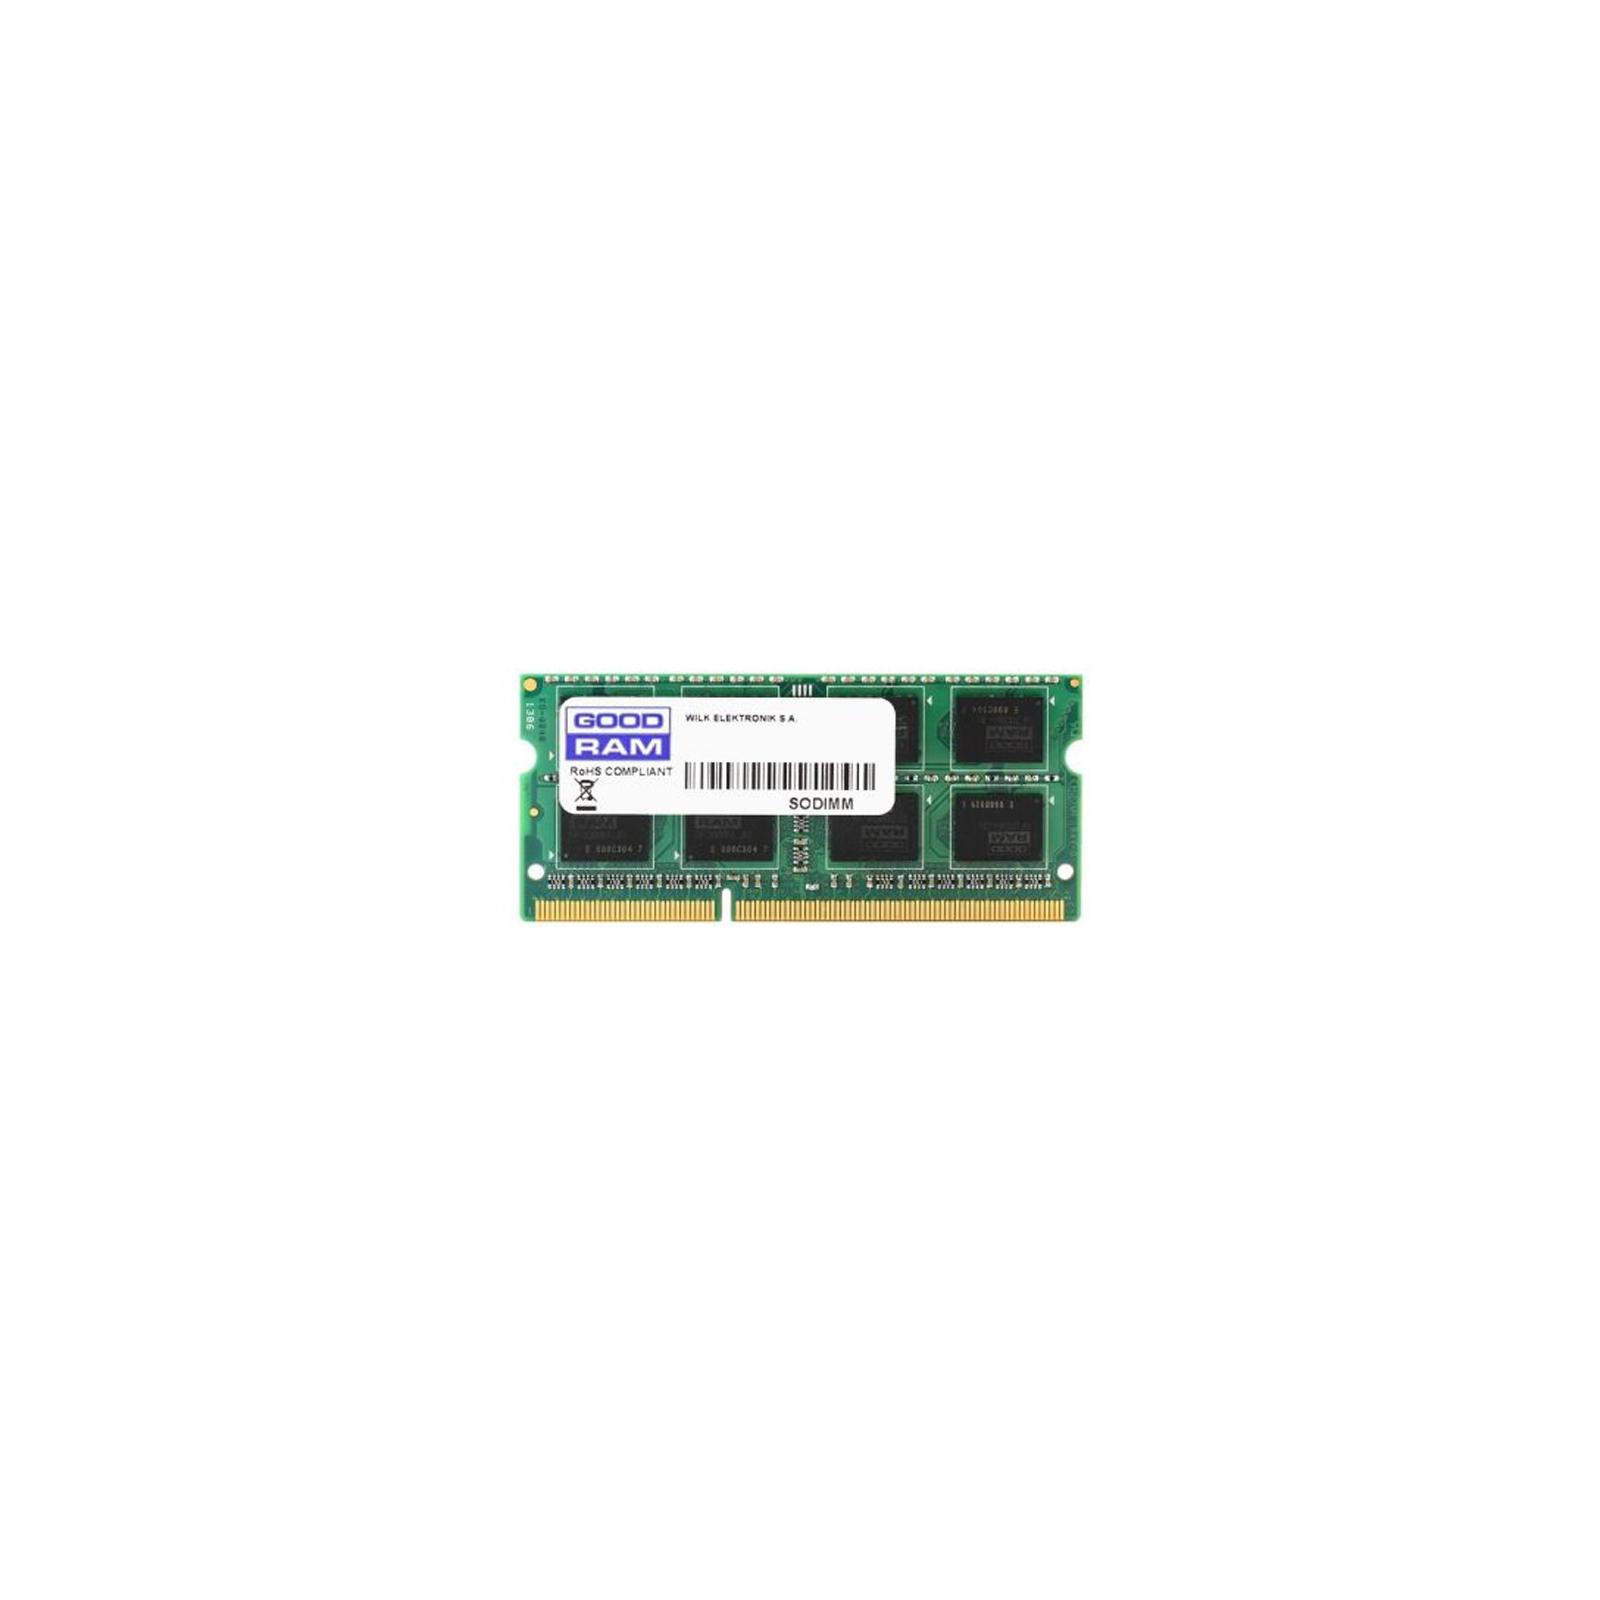 Модуль памяти для ноутбука SoDIMM DDR3 2GB 1600 MHz GOODRAM (GR1600S3V64L11N/2G)